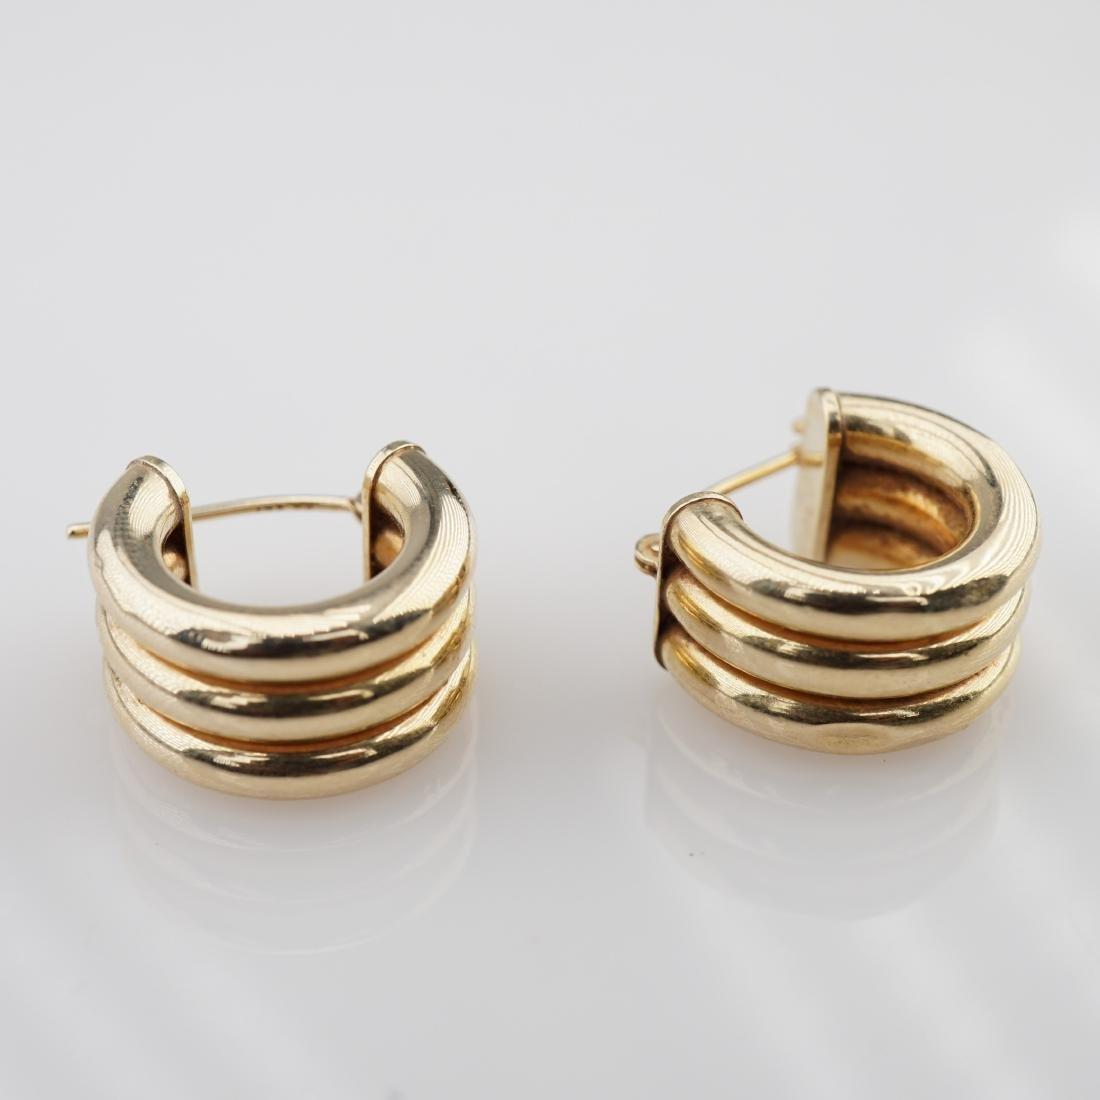 14k YG Hoop Earrings 2.24 grams